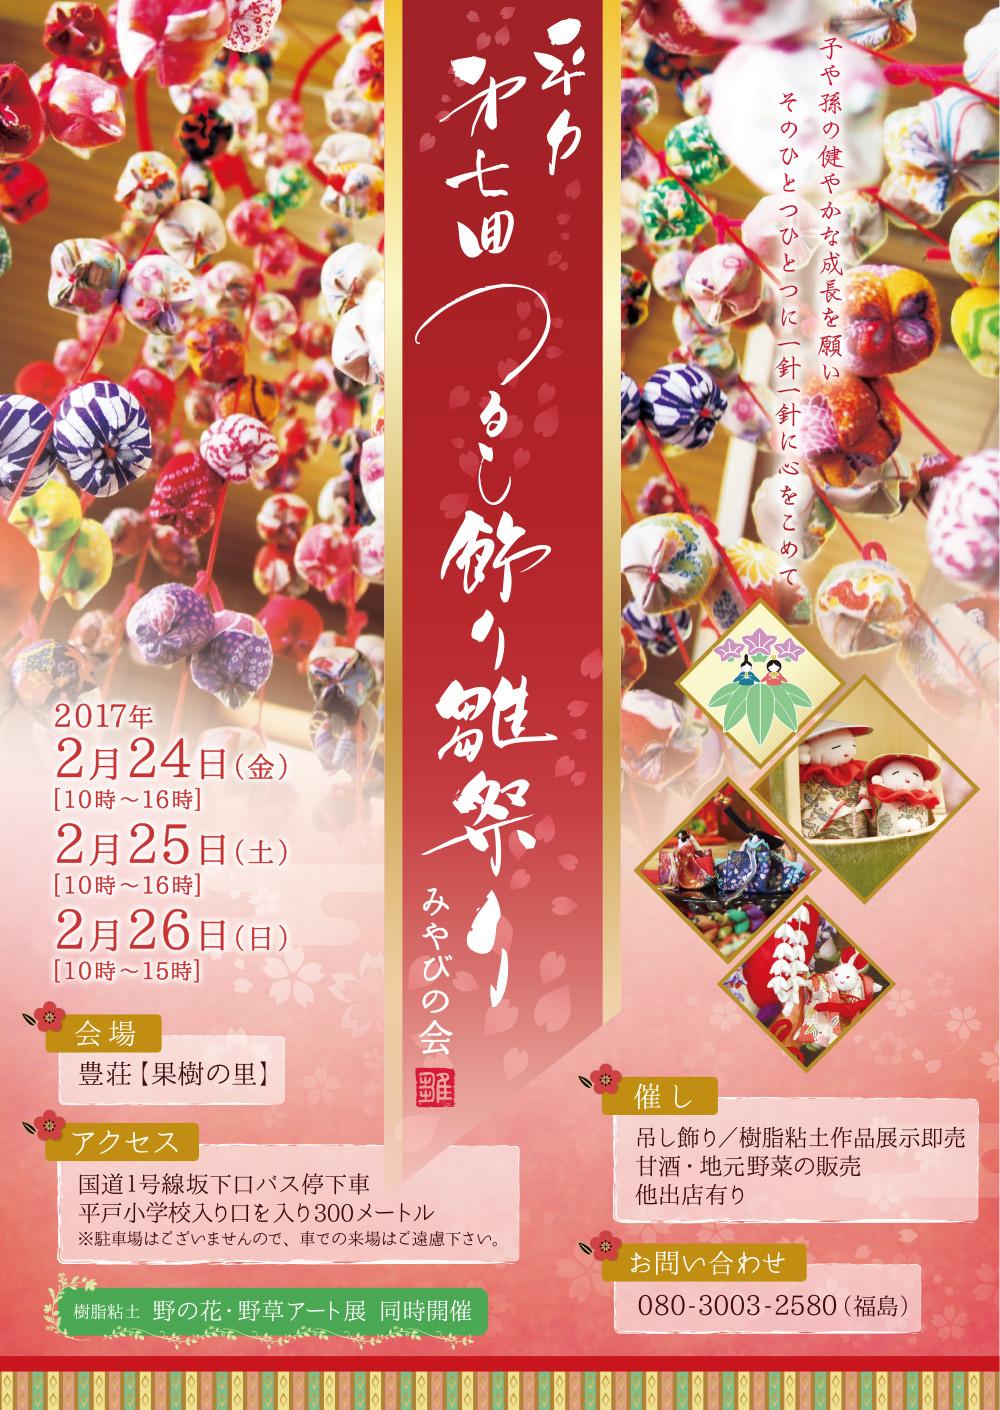 第7回 平戸吊るし飾り雛祭り(同時開催:樹脂粘土 野の花・野草アート展)